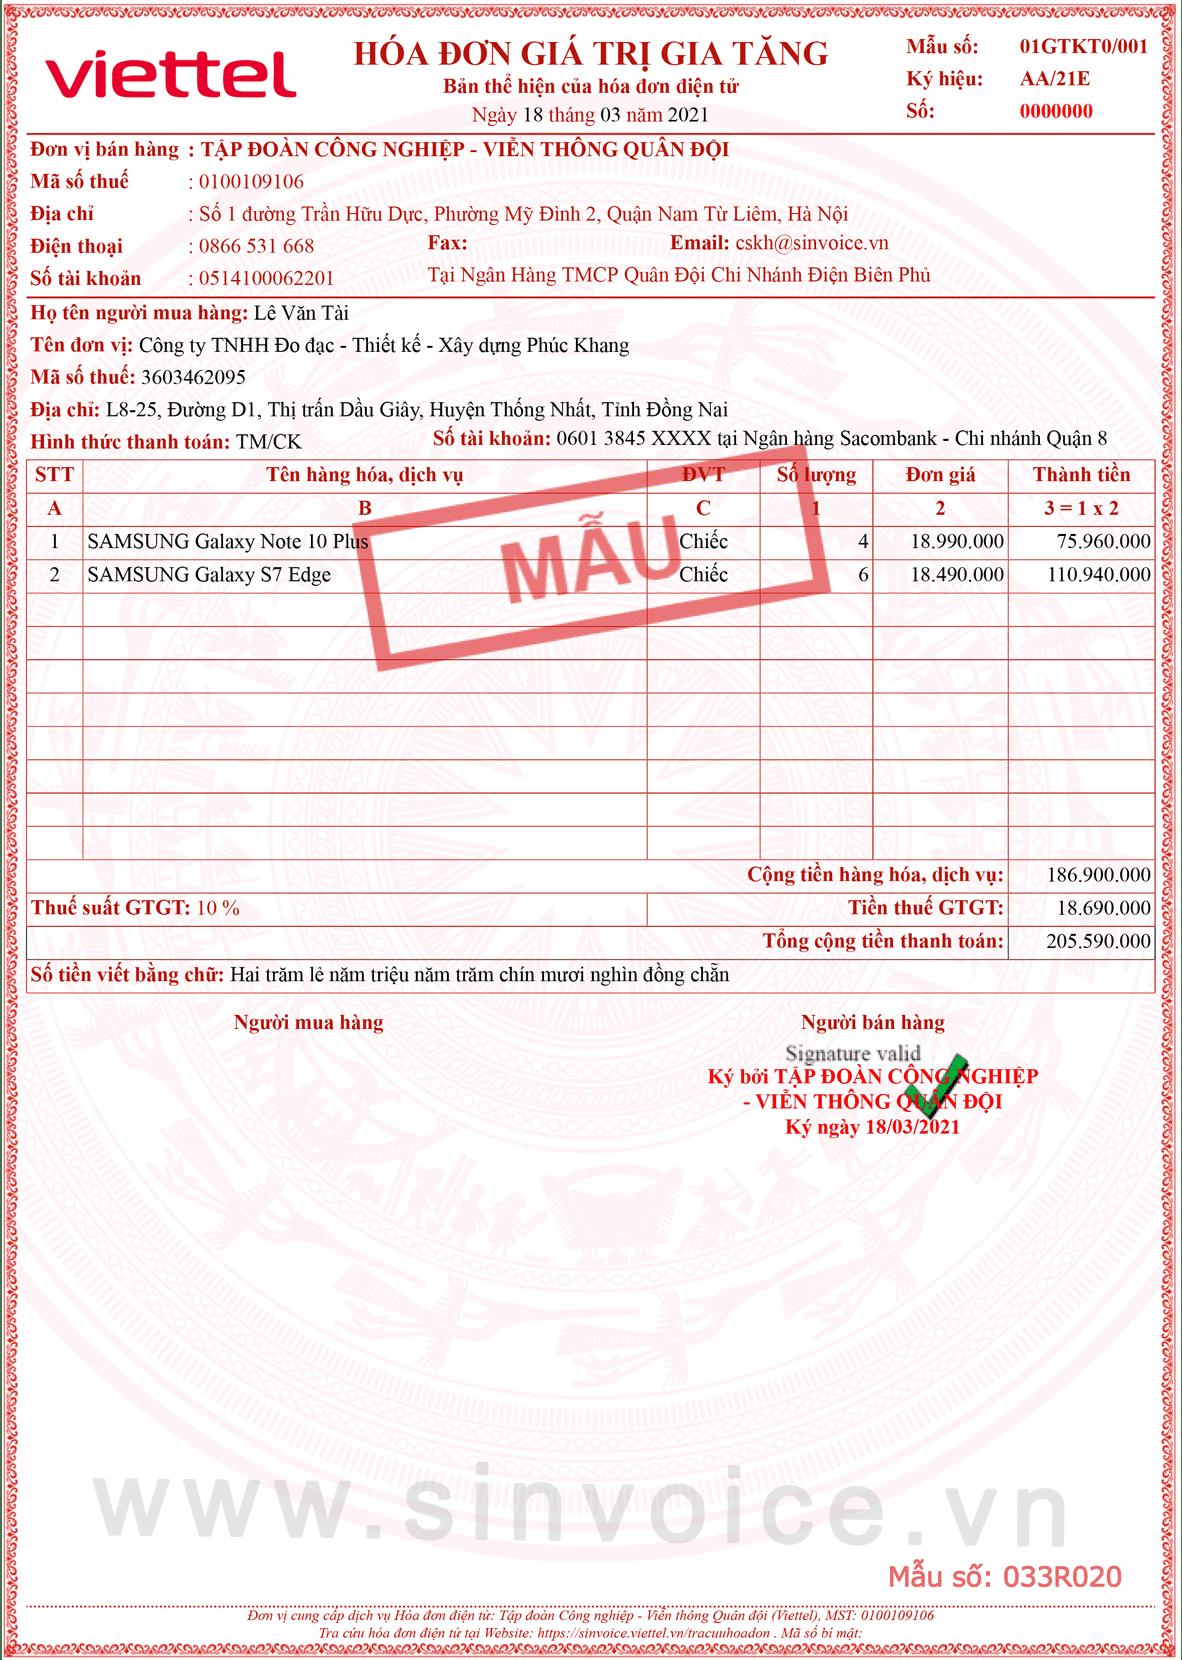 Mẫu hóa đơn điện tử số 033R020